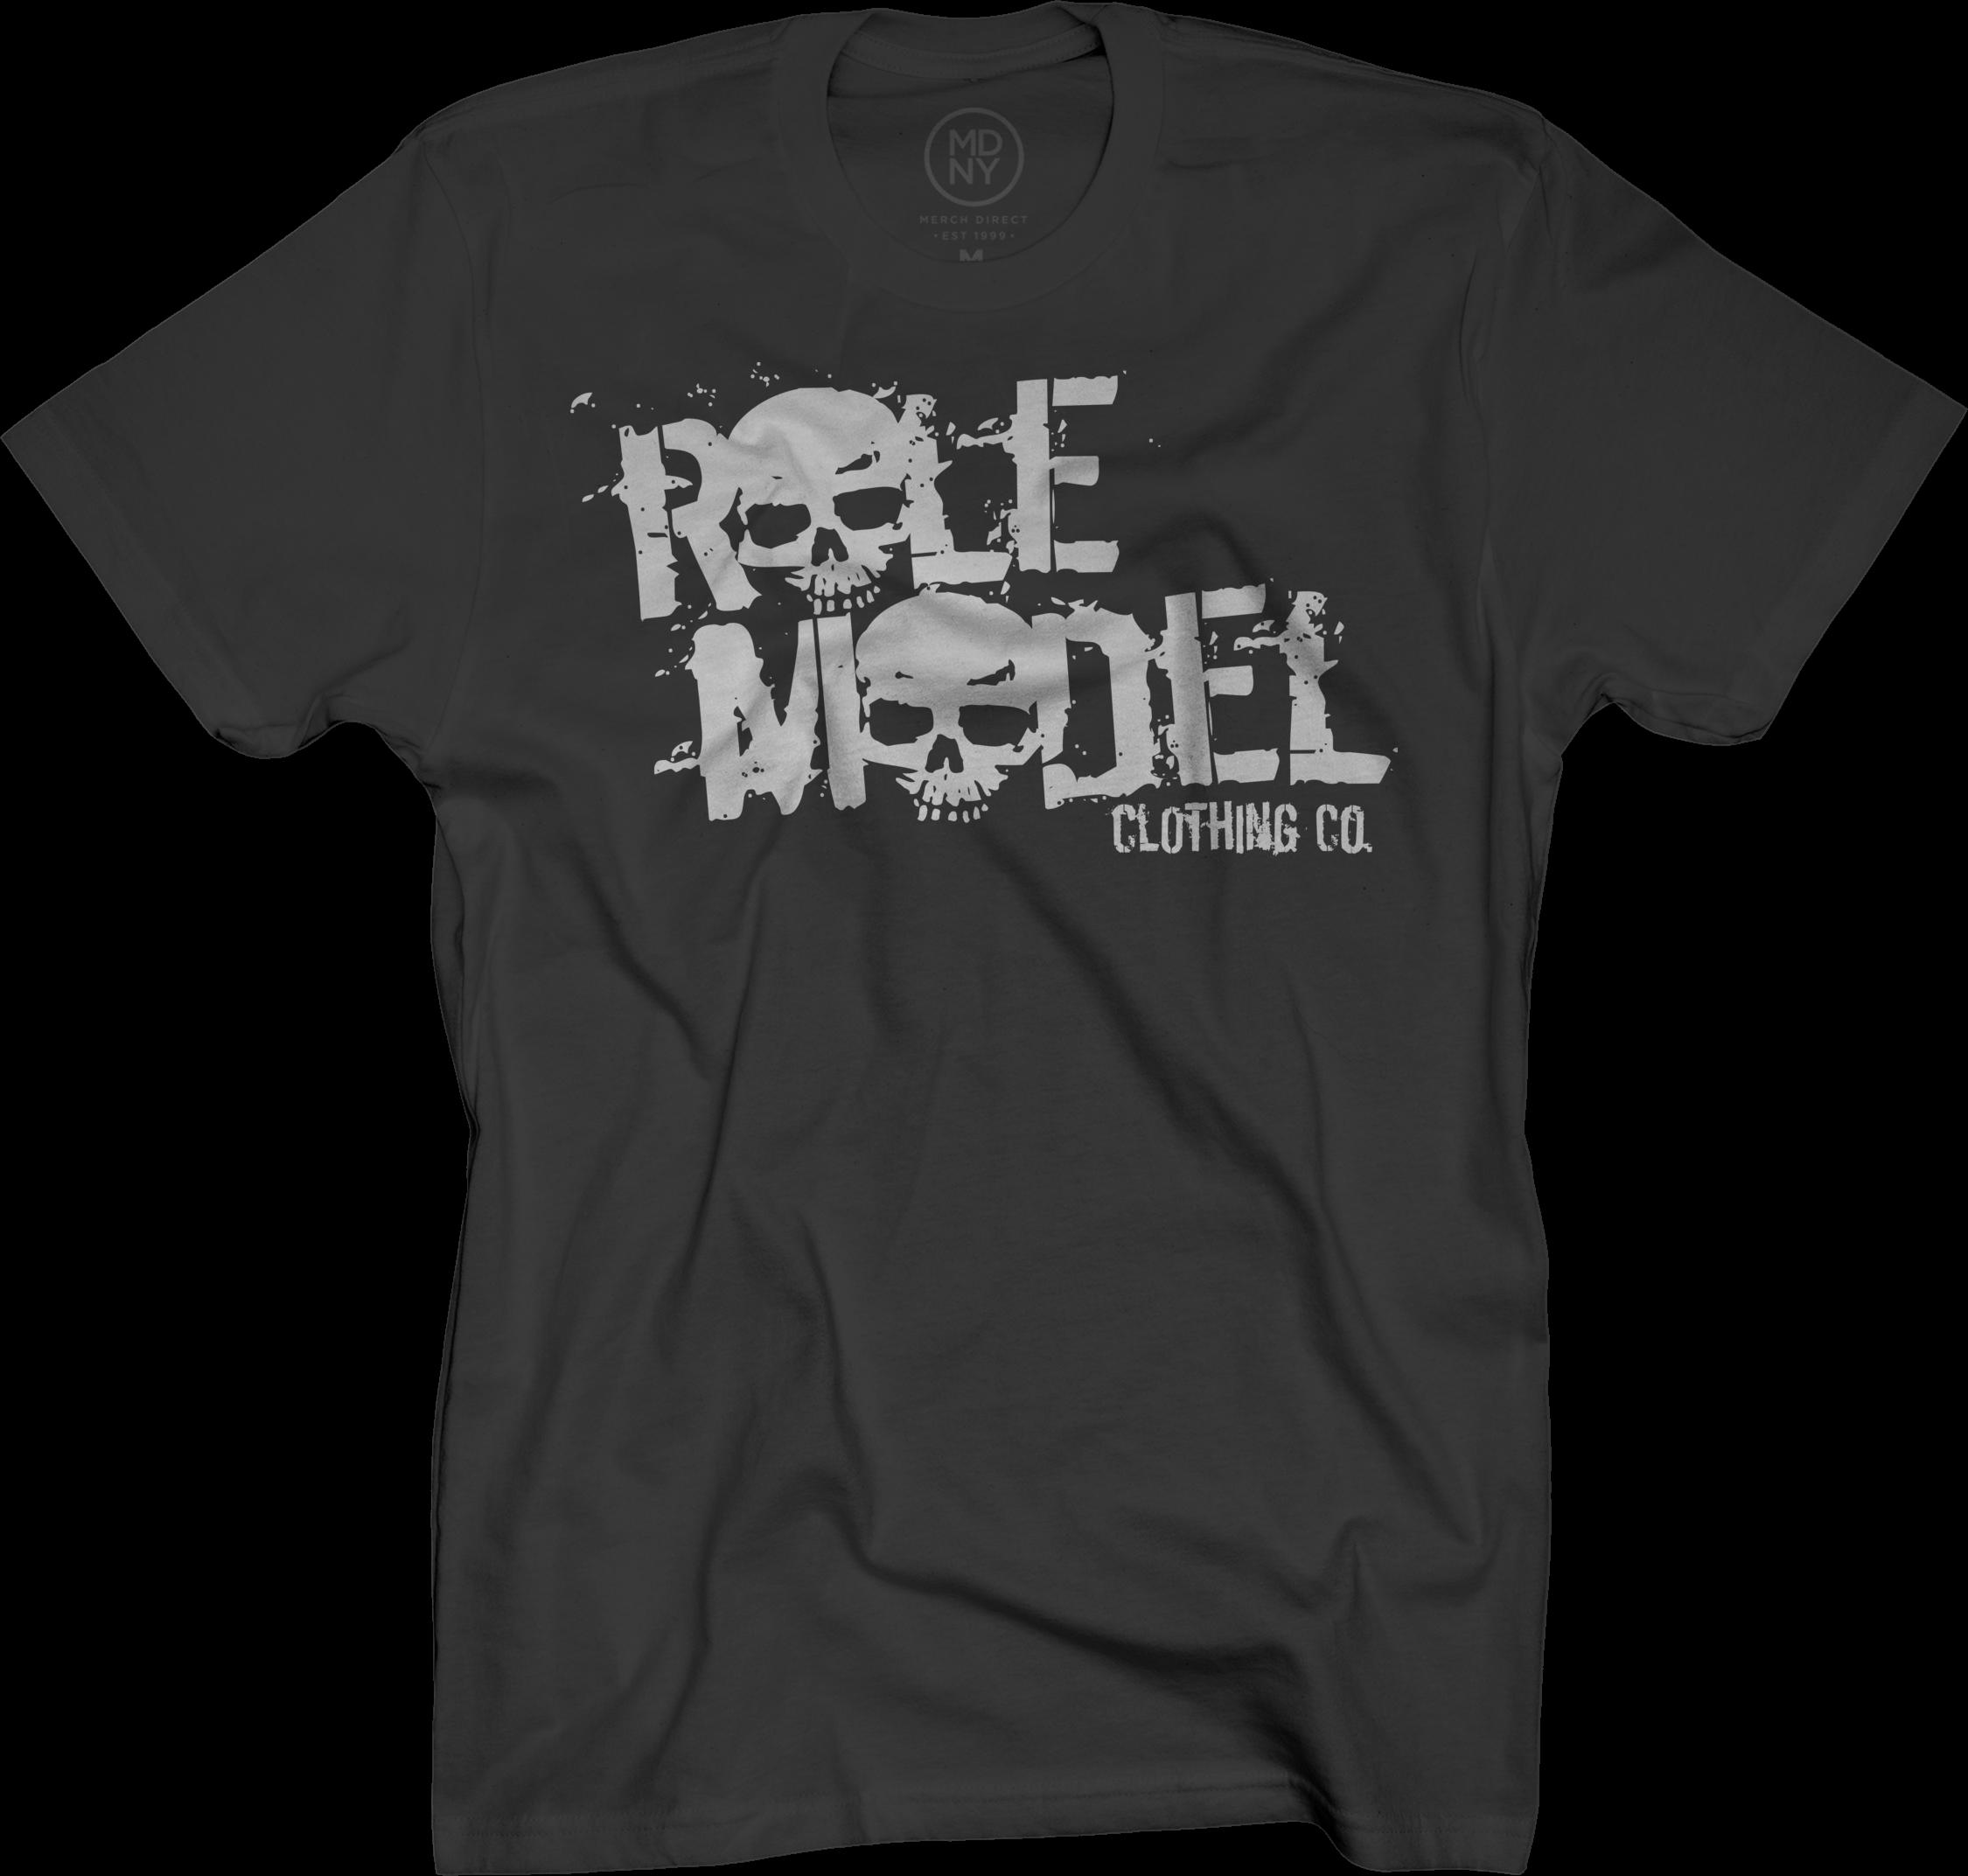 8239a40c78a Role Model T-Shirt  25.00 -  26.00